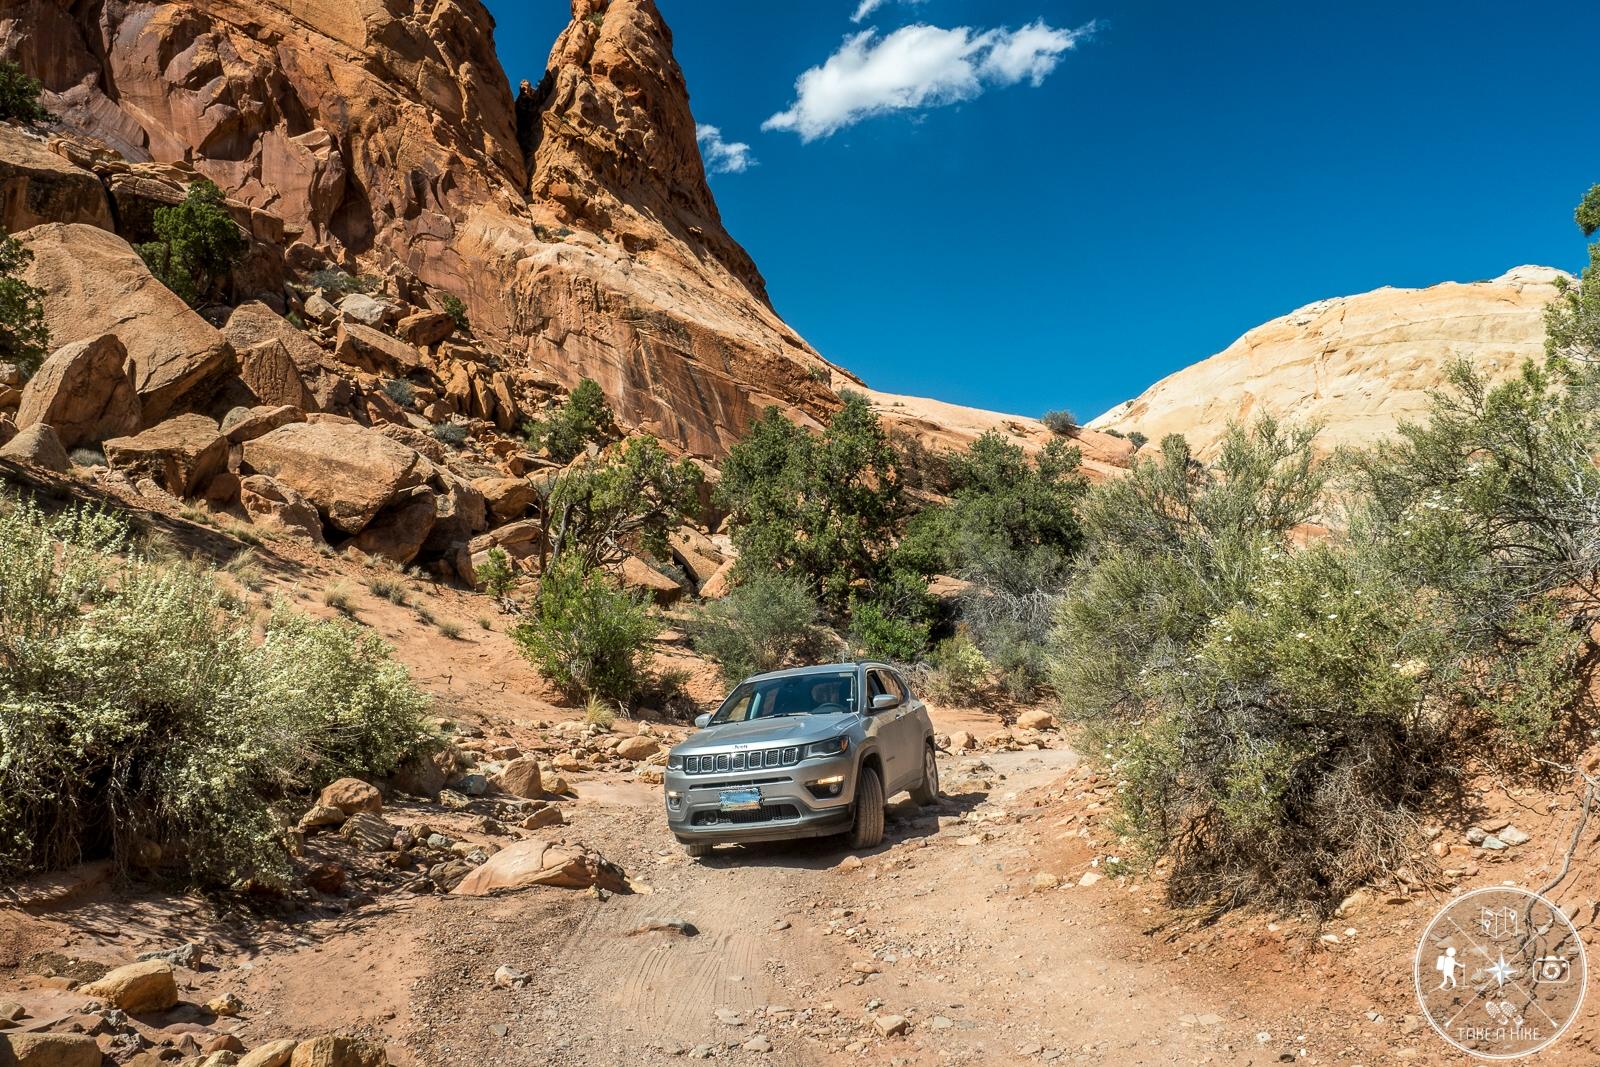 Eine etwas leichtere Stelle - Upper Muley Twist Canyon